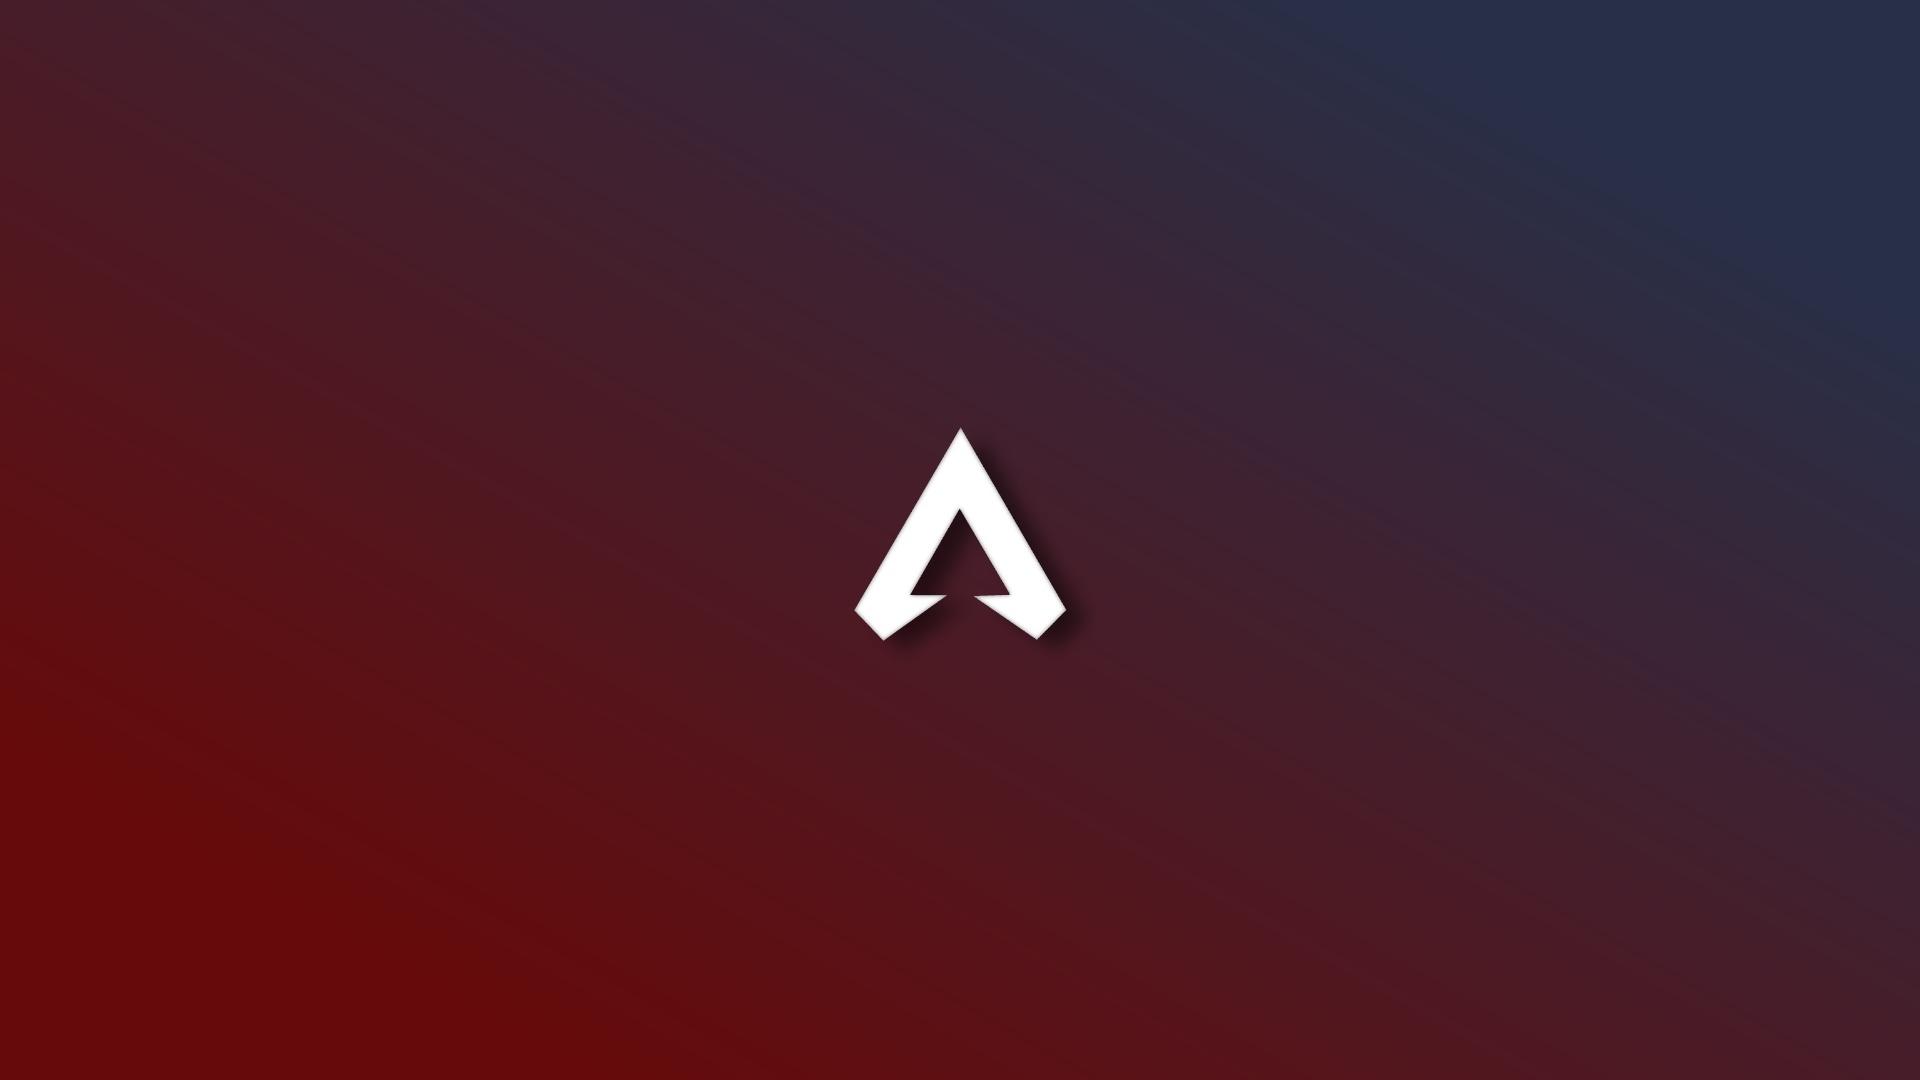 Apex Legends 1080p wallpaper